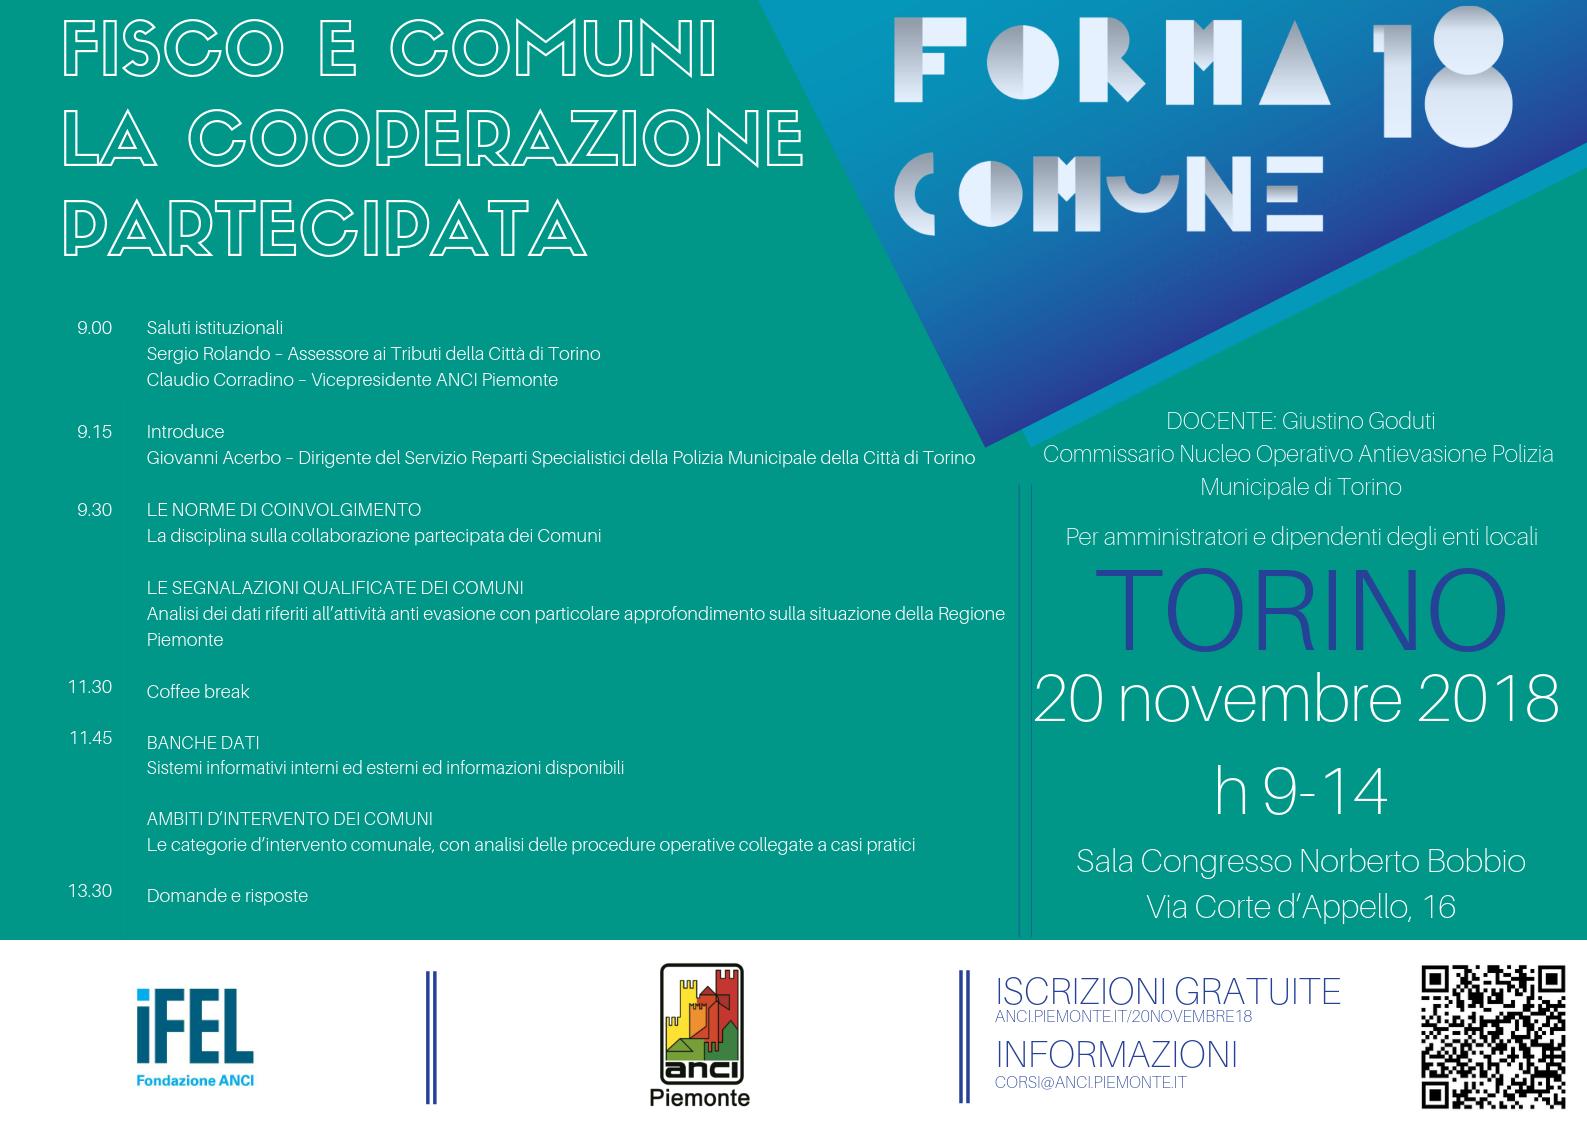 Forma Comune 2018 - Fisco e comuni_ la cooperazione partecipata V2